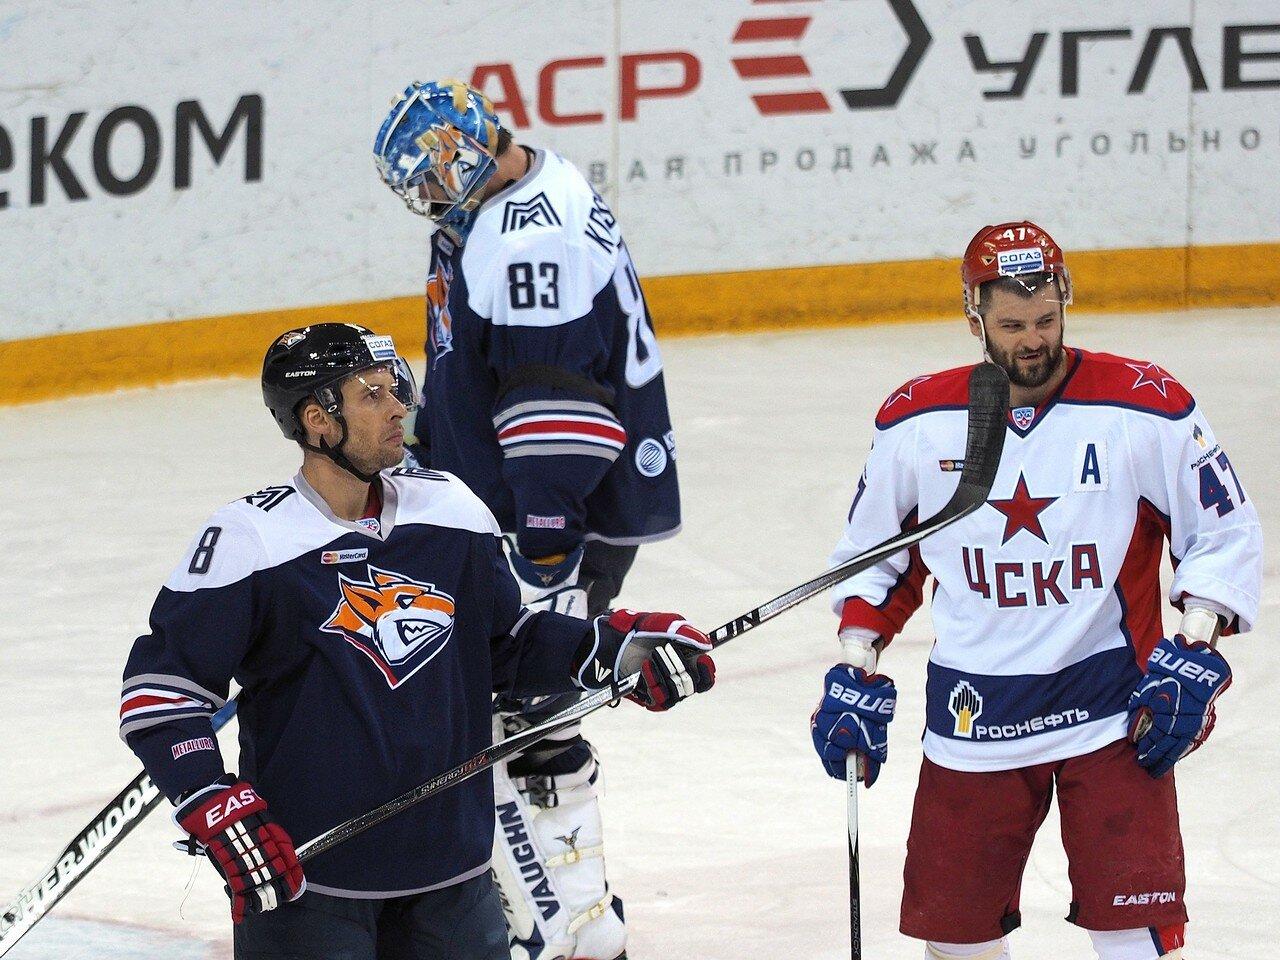 57Металлург - ЦСКА 03.02.2016